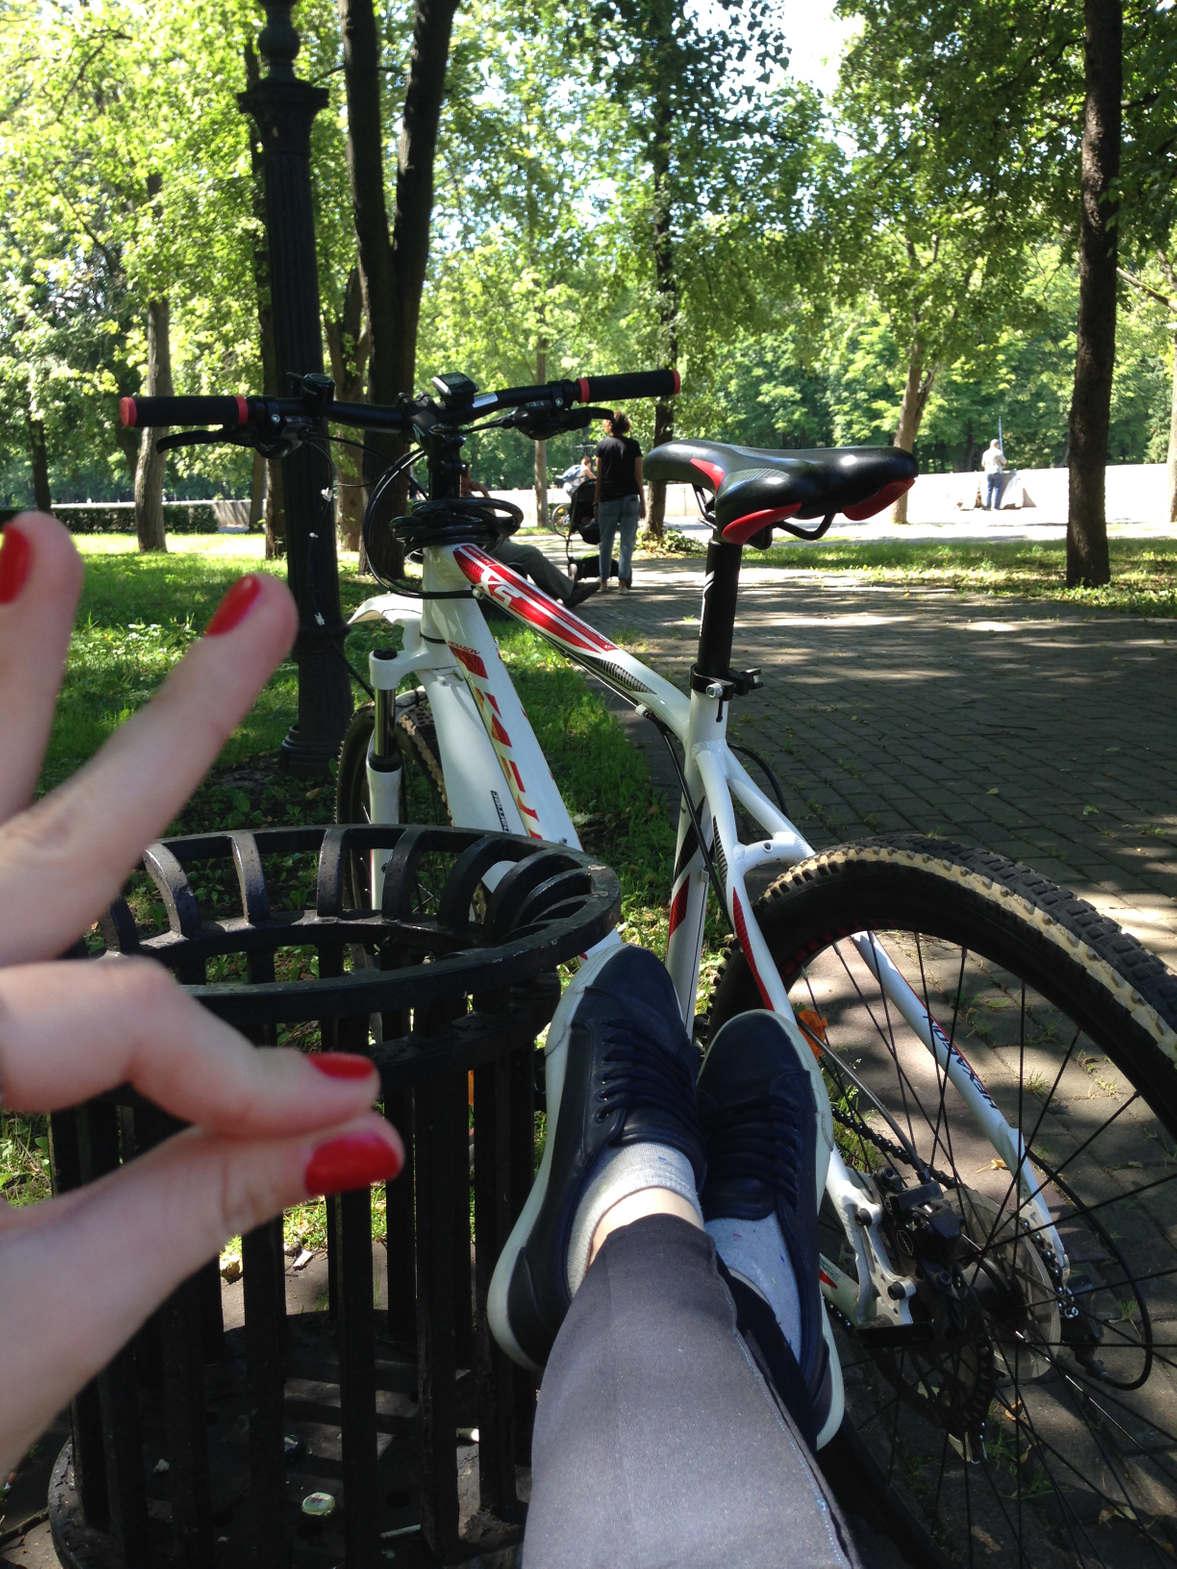 <p><strong>&nbsp;</strong></p><p>Европа вносит коррективы в жизнь столицы Беларуси. Сегодня тут множество людей пересаживается с автомобилей на велосипеды, начиная с весны и до поздней осени. Минск – город с развитой инфраструктурой. И, конечно же, как и во многих европейских городах тут имеется множество велодорожек.</p><p>Приглашаем вас в велосипедное путешествие по минской велодорожке. Вы увидите панорамы на реки Свислочь с живописными деревьями, множеством достопримечательностей города, густые скверы, бульвары, очень крутые мосты для велосипедистов, потому как заезжать на них приходится под углом и много еще интересного.</p><p>Длительность вело-маршрута составляет более 26 км через весь город.</p><p>Благодаря широким улицам и тротуарам в Минске легко добраться на двухколесном транспорте из одной части города в другую. К тому же, такое активное времяпровождение очень полезно для здоровья так как при езде на велосипеде работают те группы мышц, которые не задействования в повседневной жизни.</p>